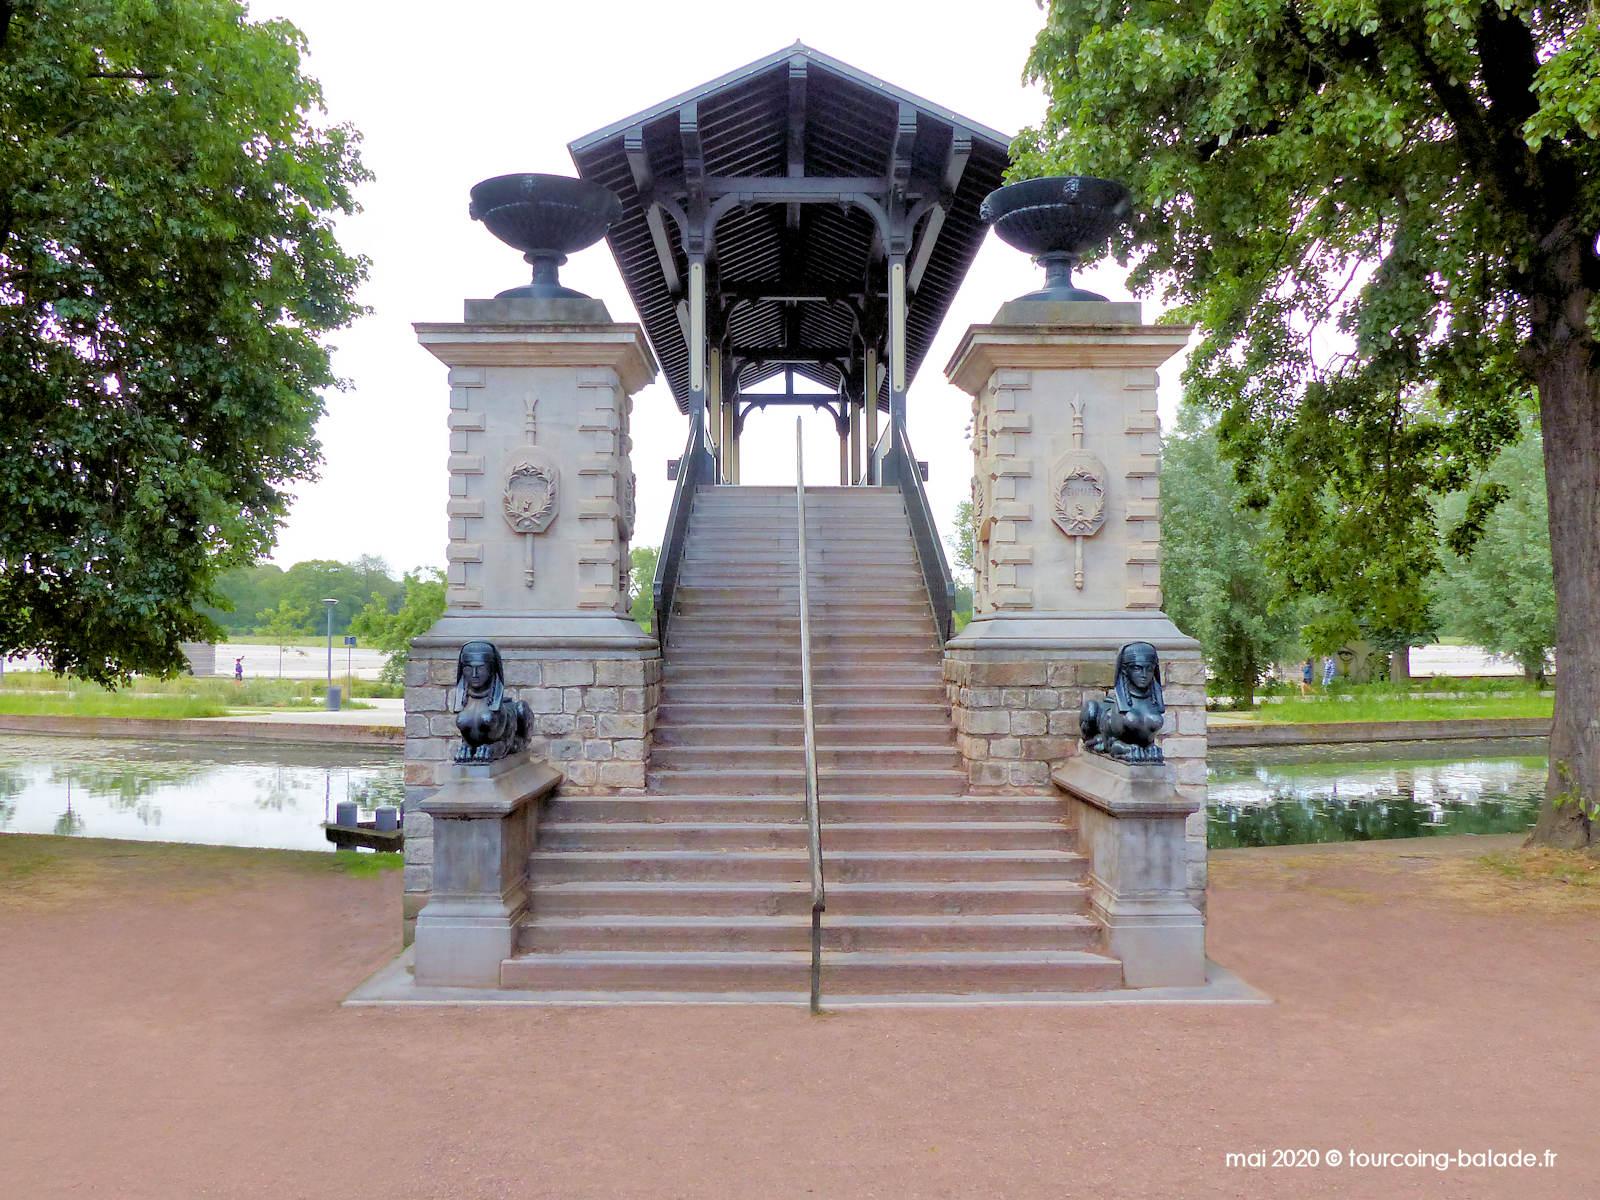 Escaliers du Pont Napoléon, Lille 2020